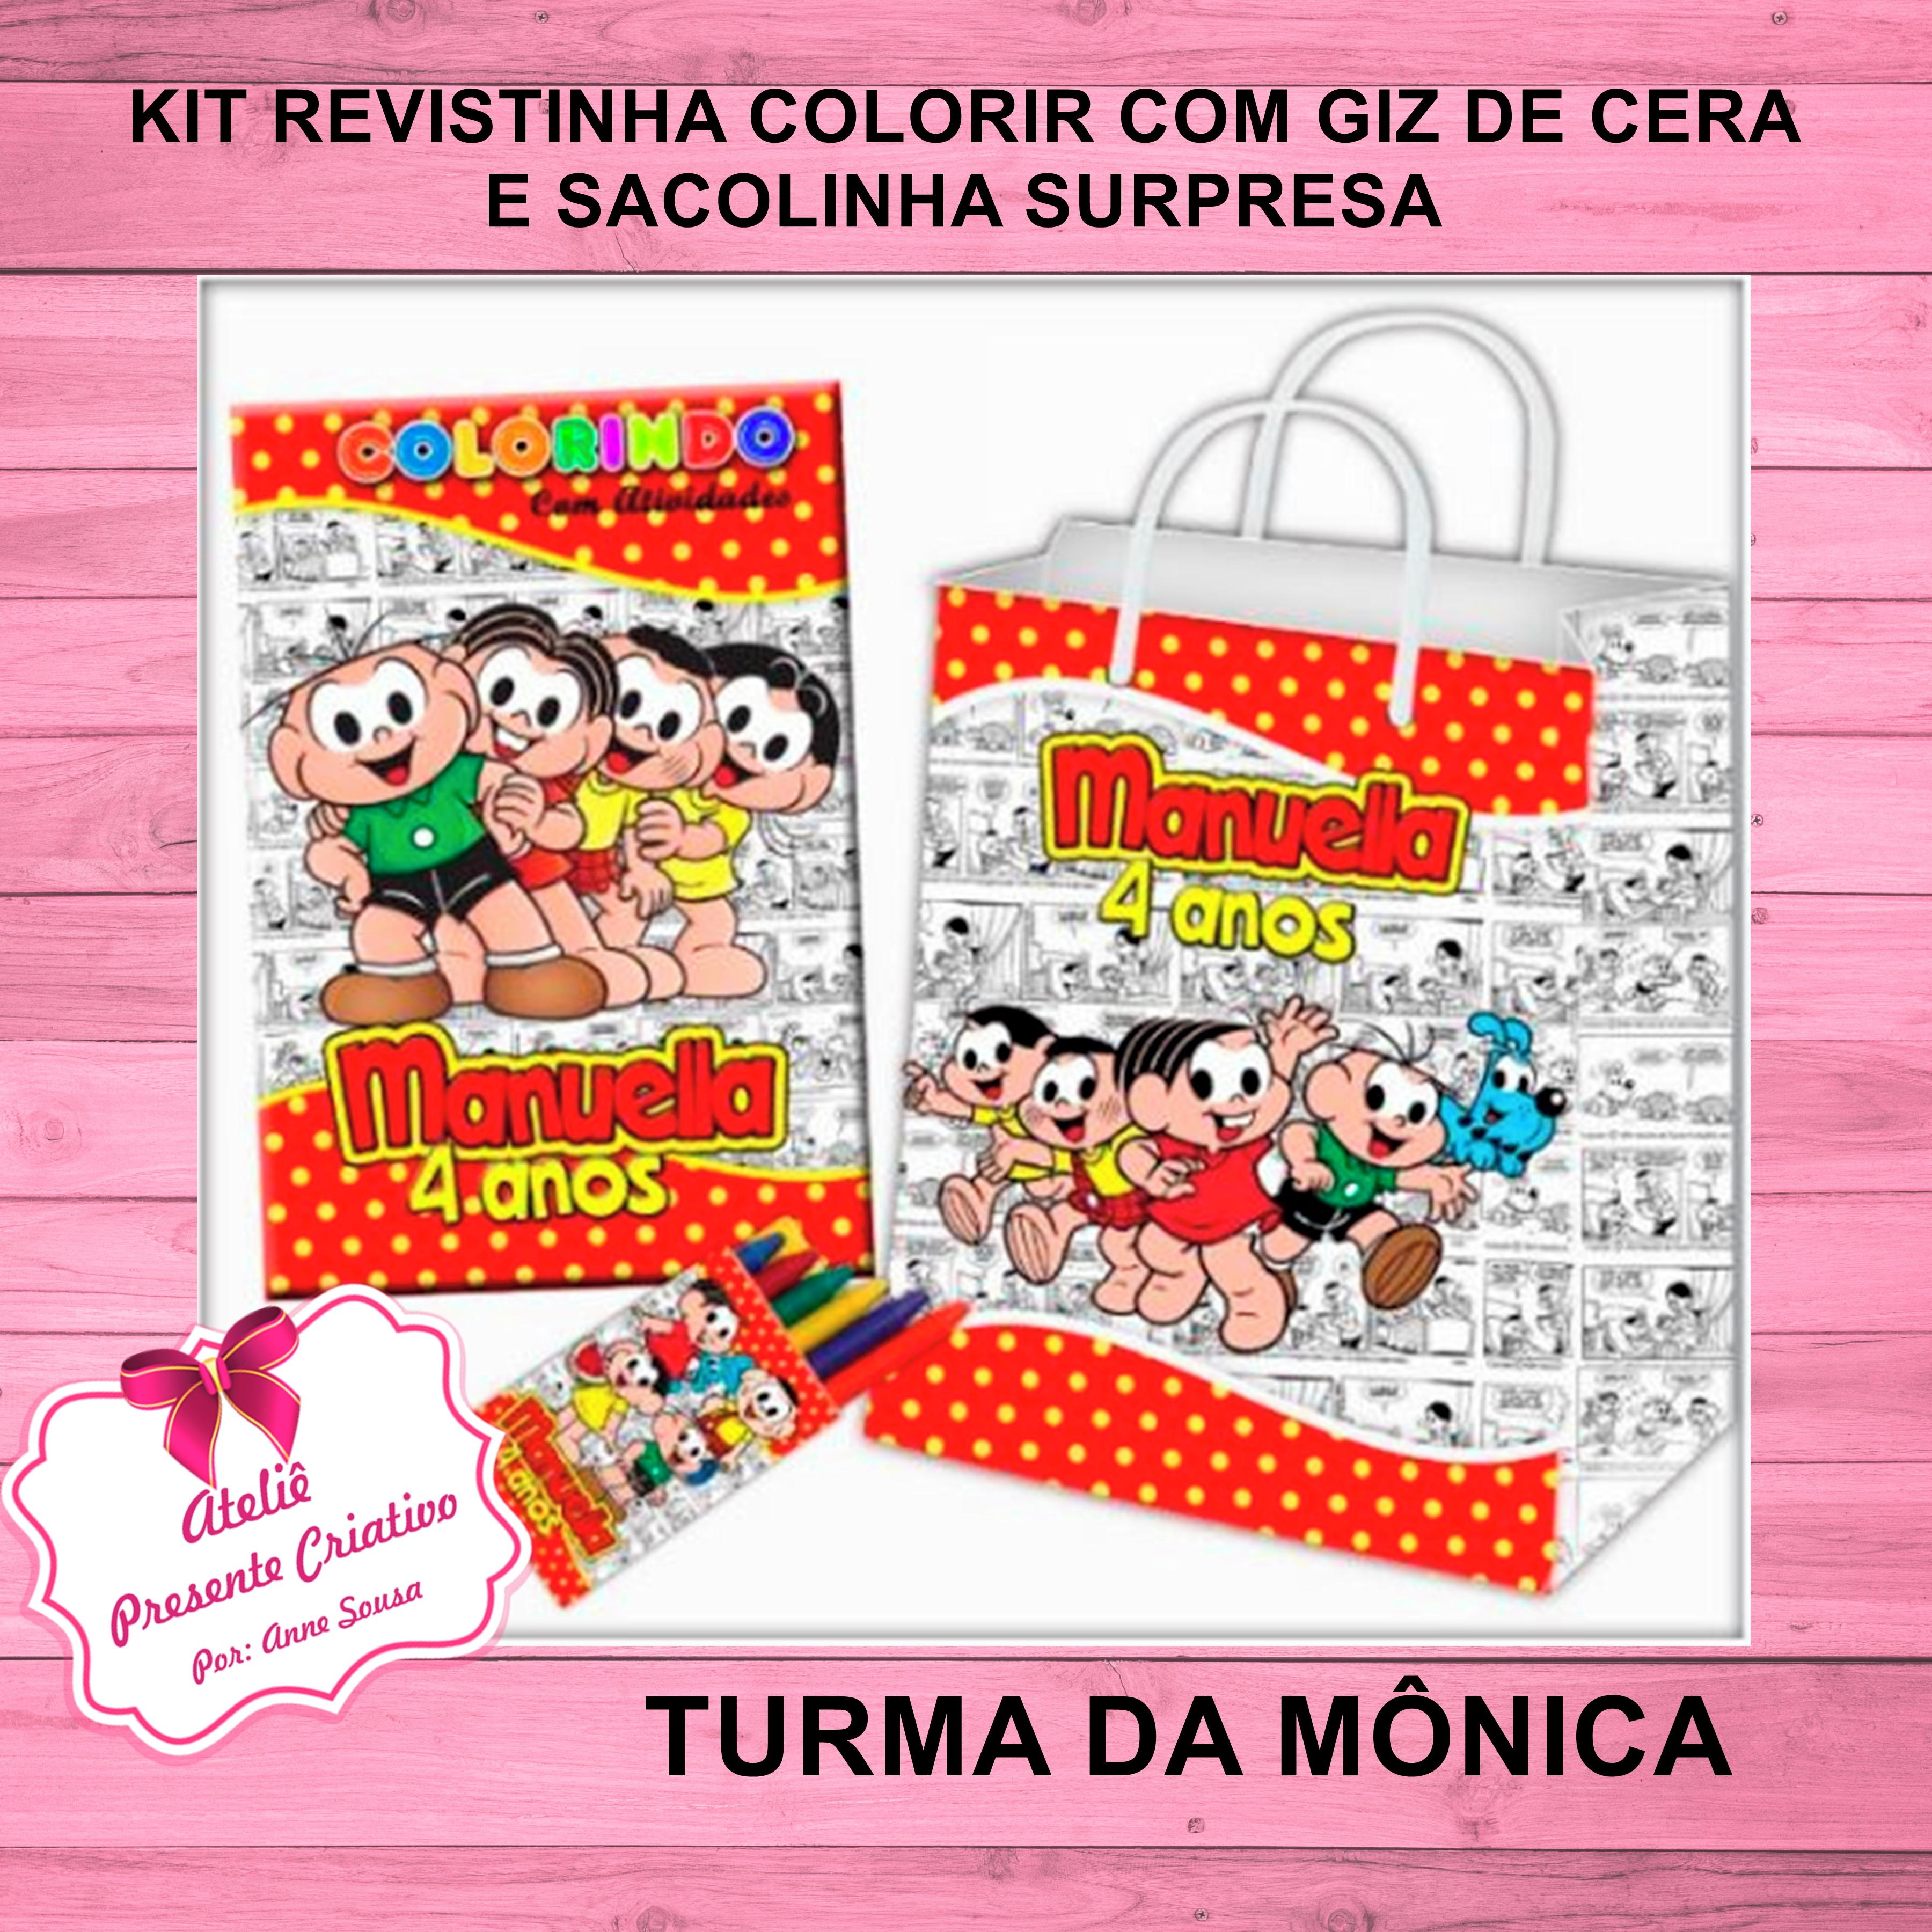 Kit Revista Colorir E Sacolinha Turma Da Monica No Elo7 Atelie